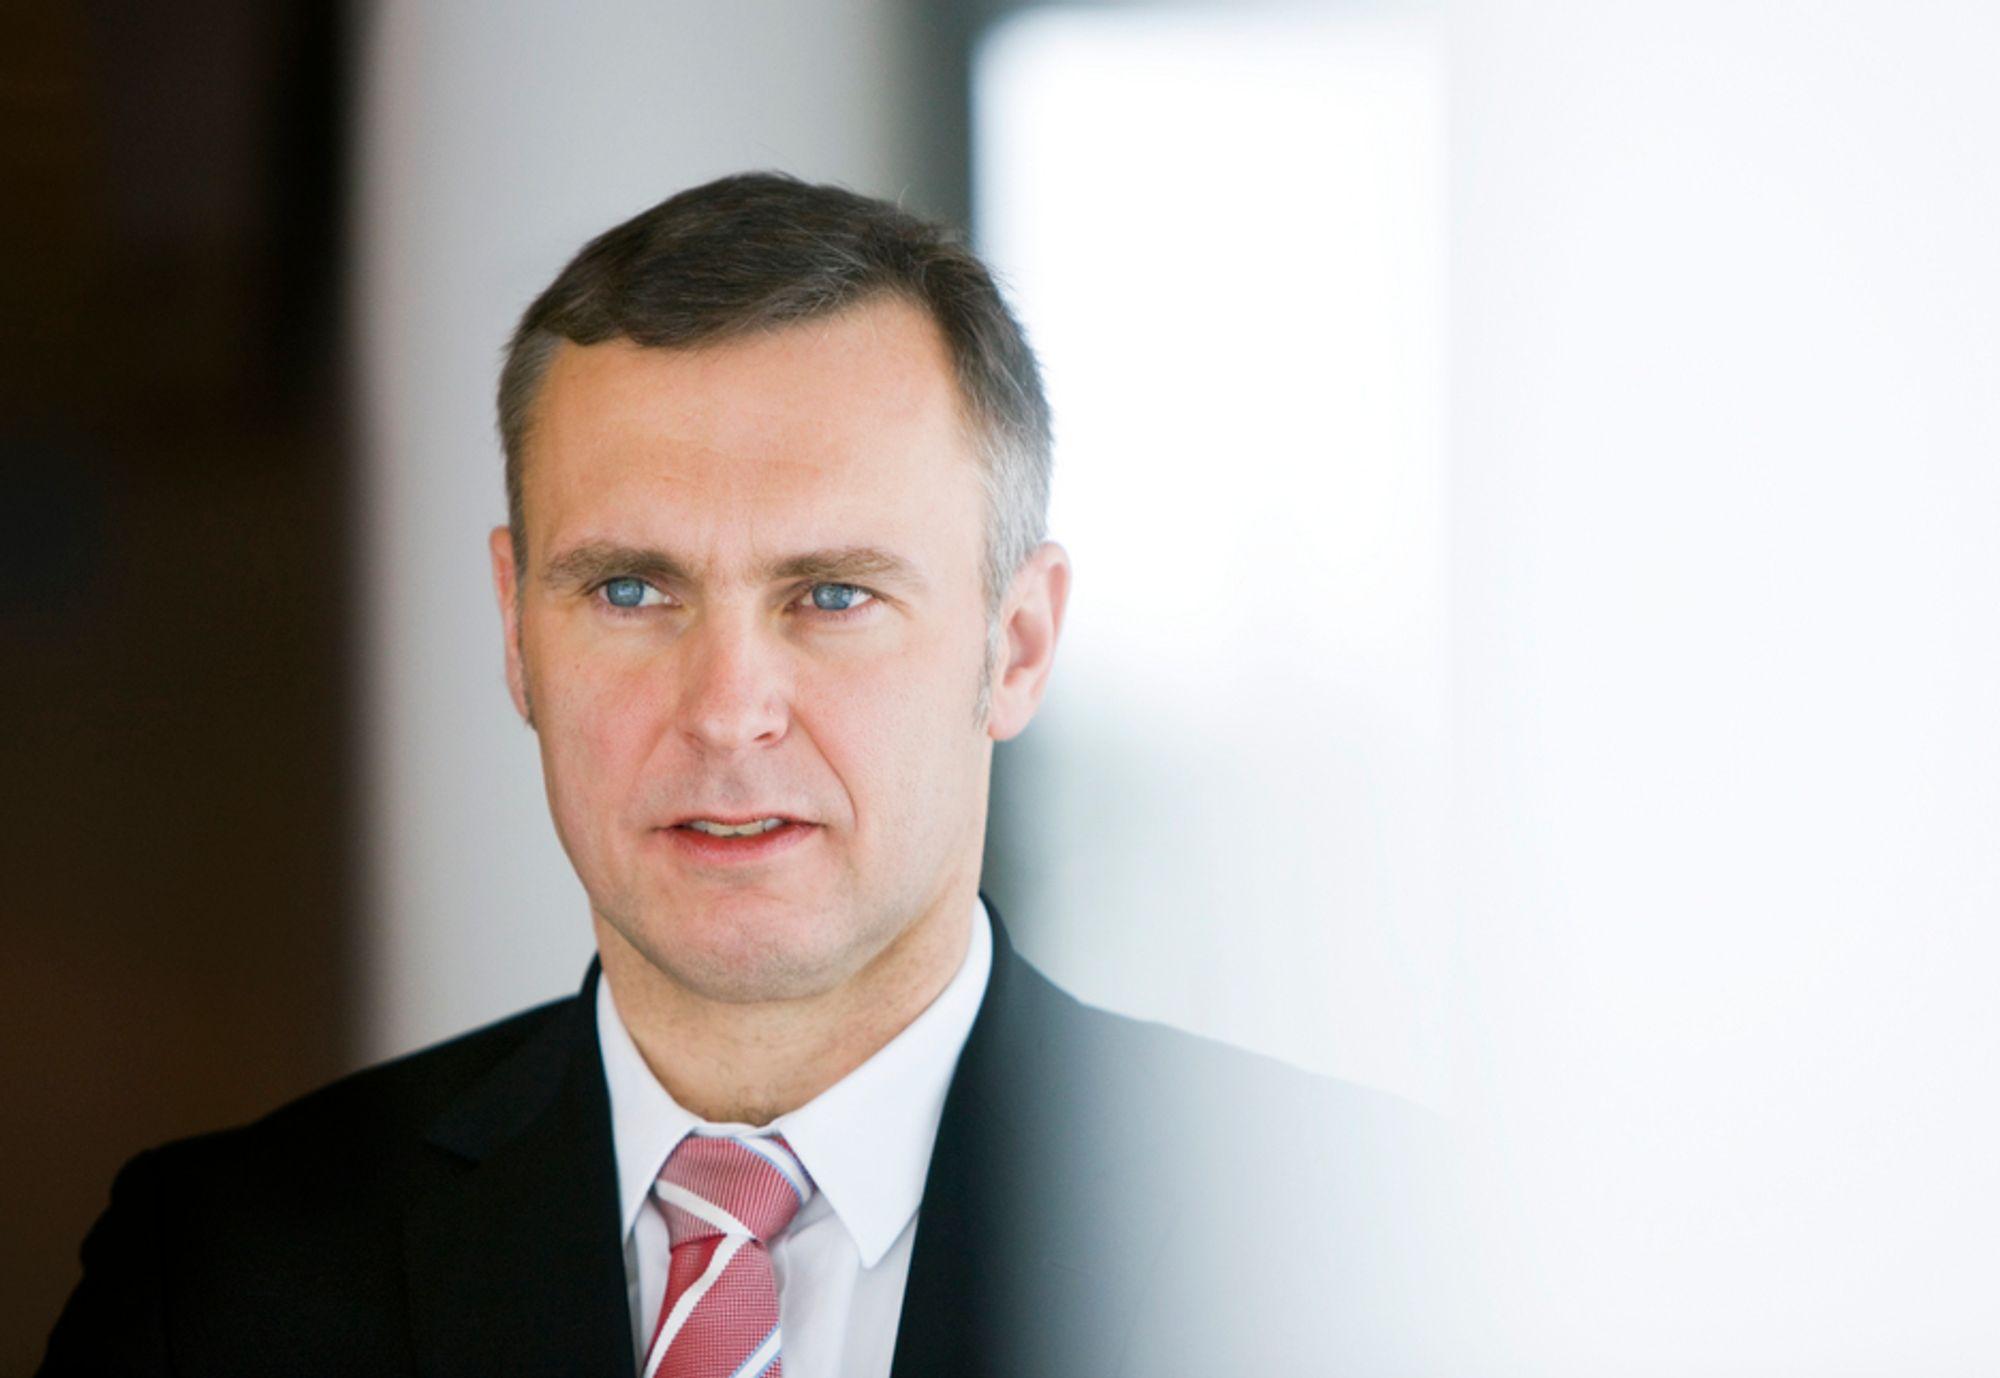 VIL IKKE GARANTERE: Konsernsjef i Norske Skog Sven Ombudstvedt vil ikke garantere for all framtid drift ved de  to gjenværende papirfabrikkene i Halden og Skogn.